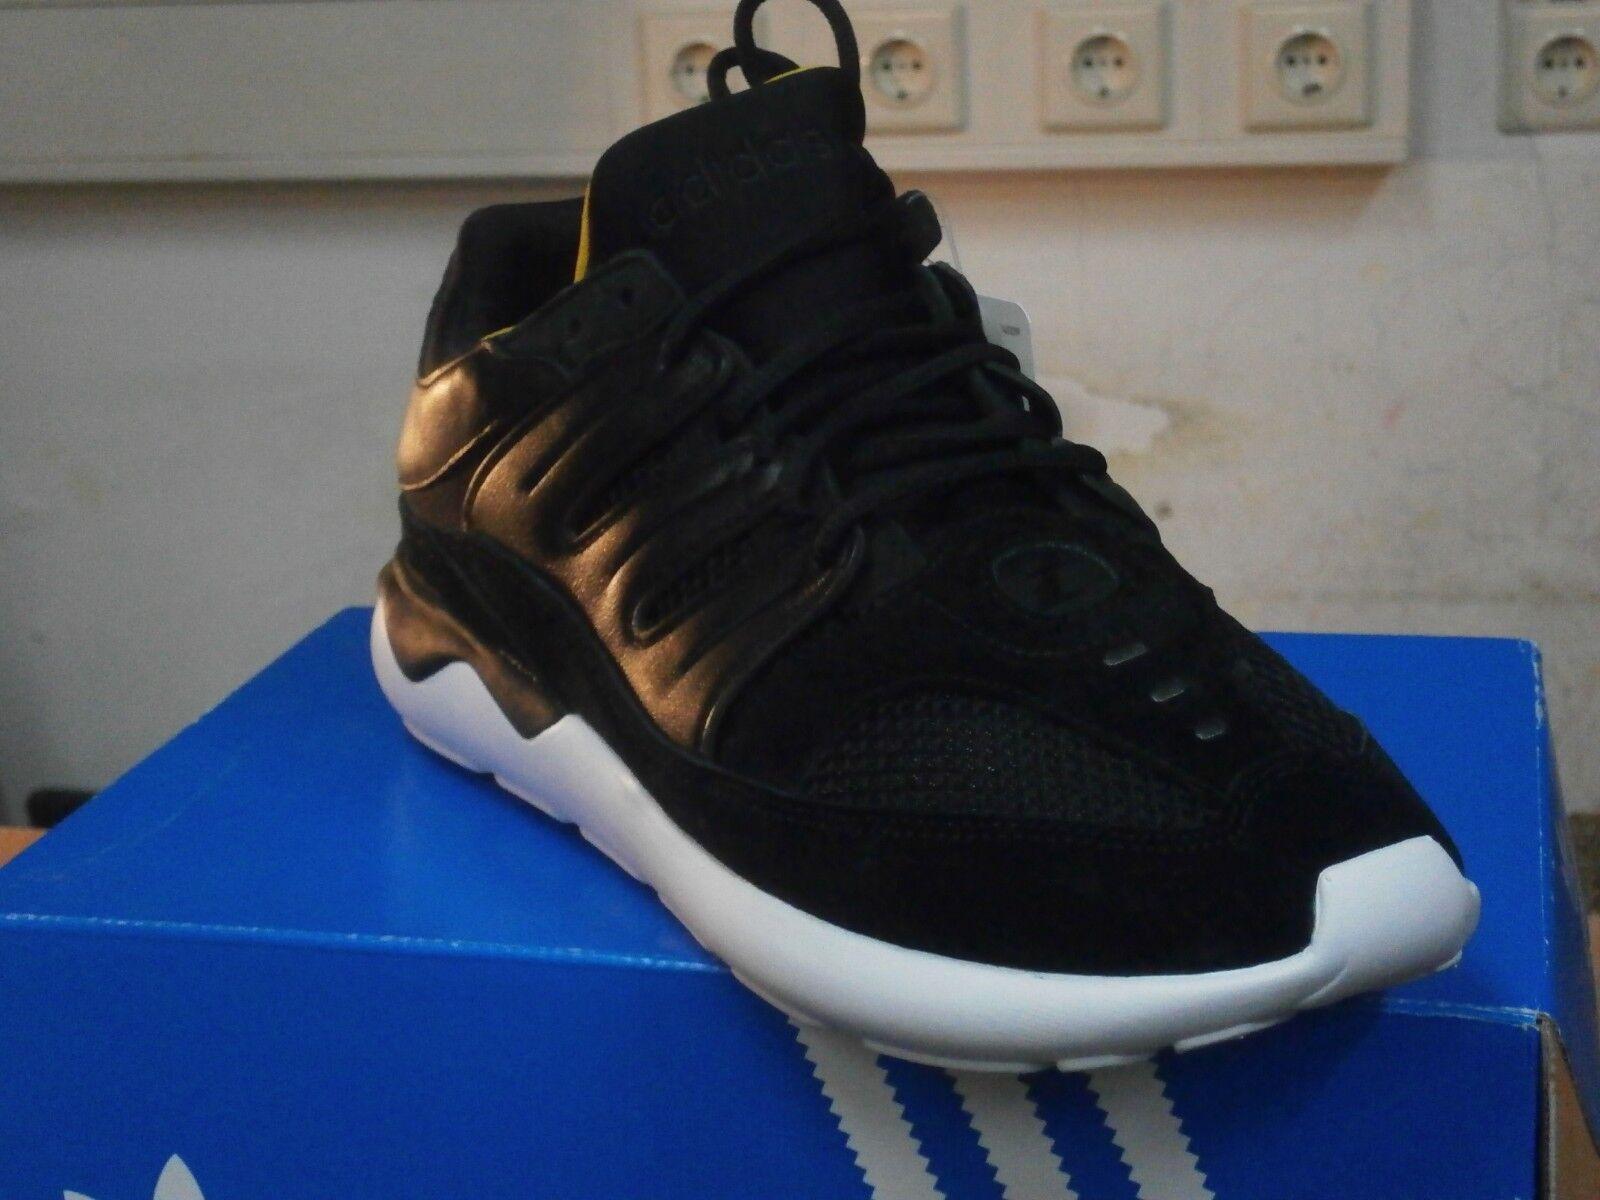 buy popular fa2f5 10923 719e83 Adidas tubular 93 b25863 Originals adidas caballero zapatillas  zapatillas zapatillas Turnschuhe.